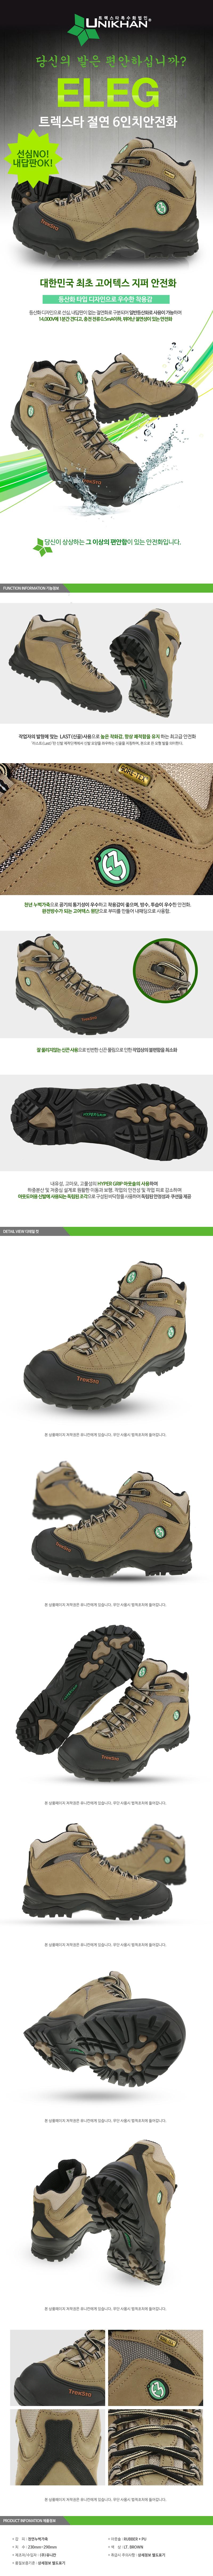 당신의 발은 편안 하십니까? ELEG2 유니칸 6인치 고어텍스 절연화